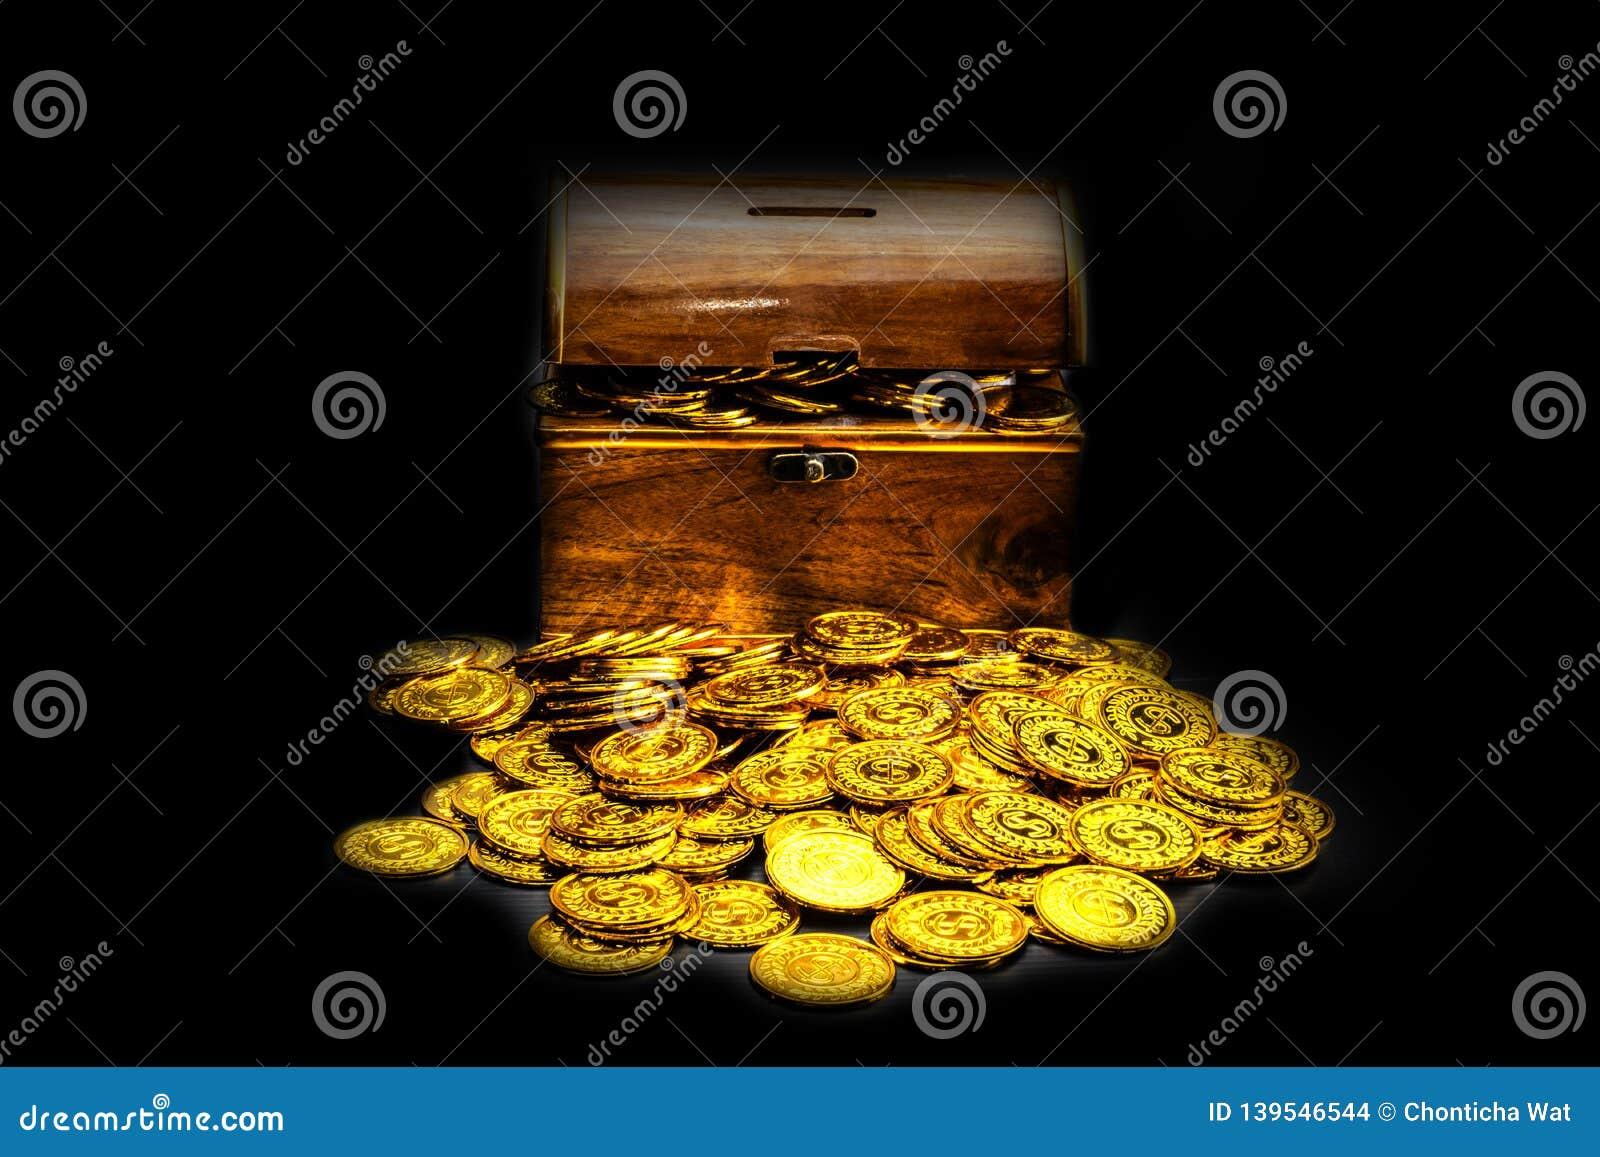 Χρυσό νόμισμα στο στήθος θησαυρών στο μαύρο υπόβαθρο